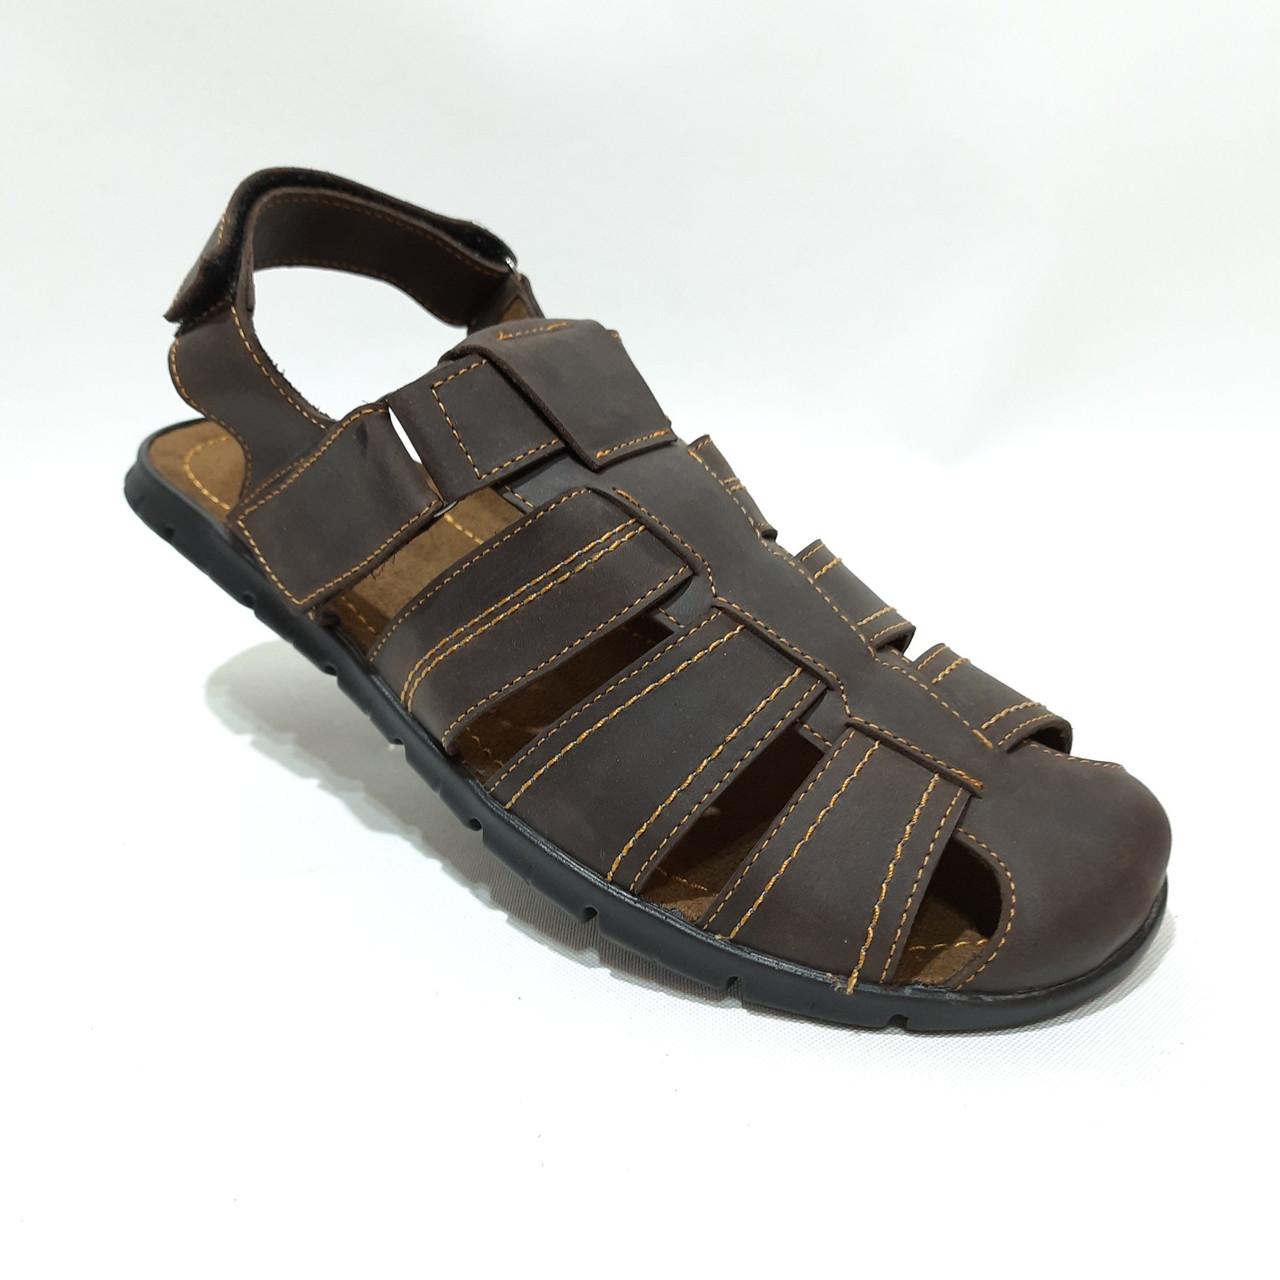 Мужские кожаные босоножки сандали  (Больших размеров) р. 46 отличного качества